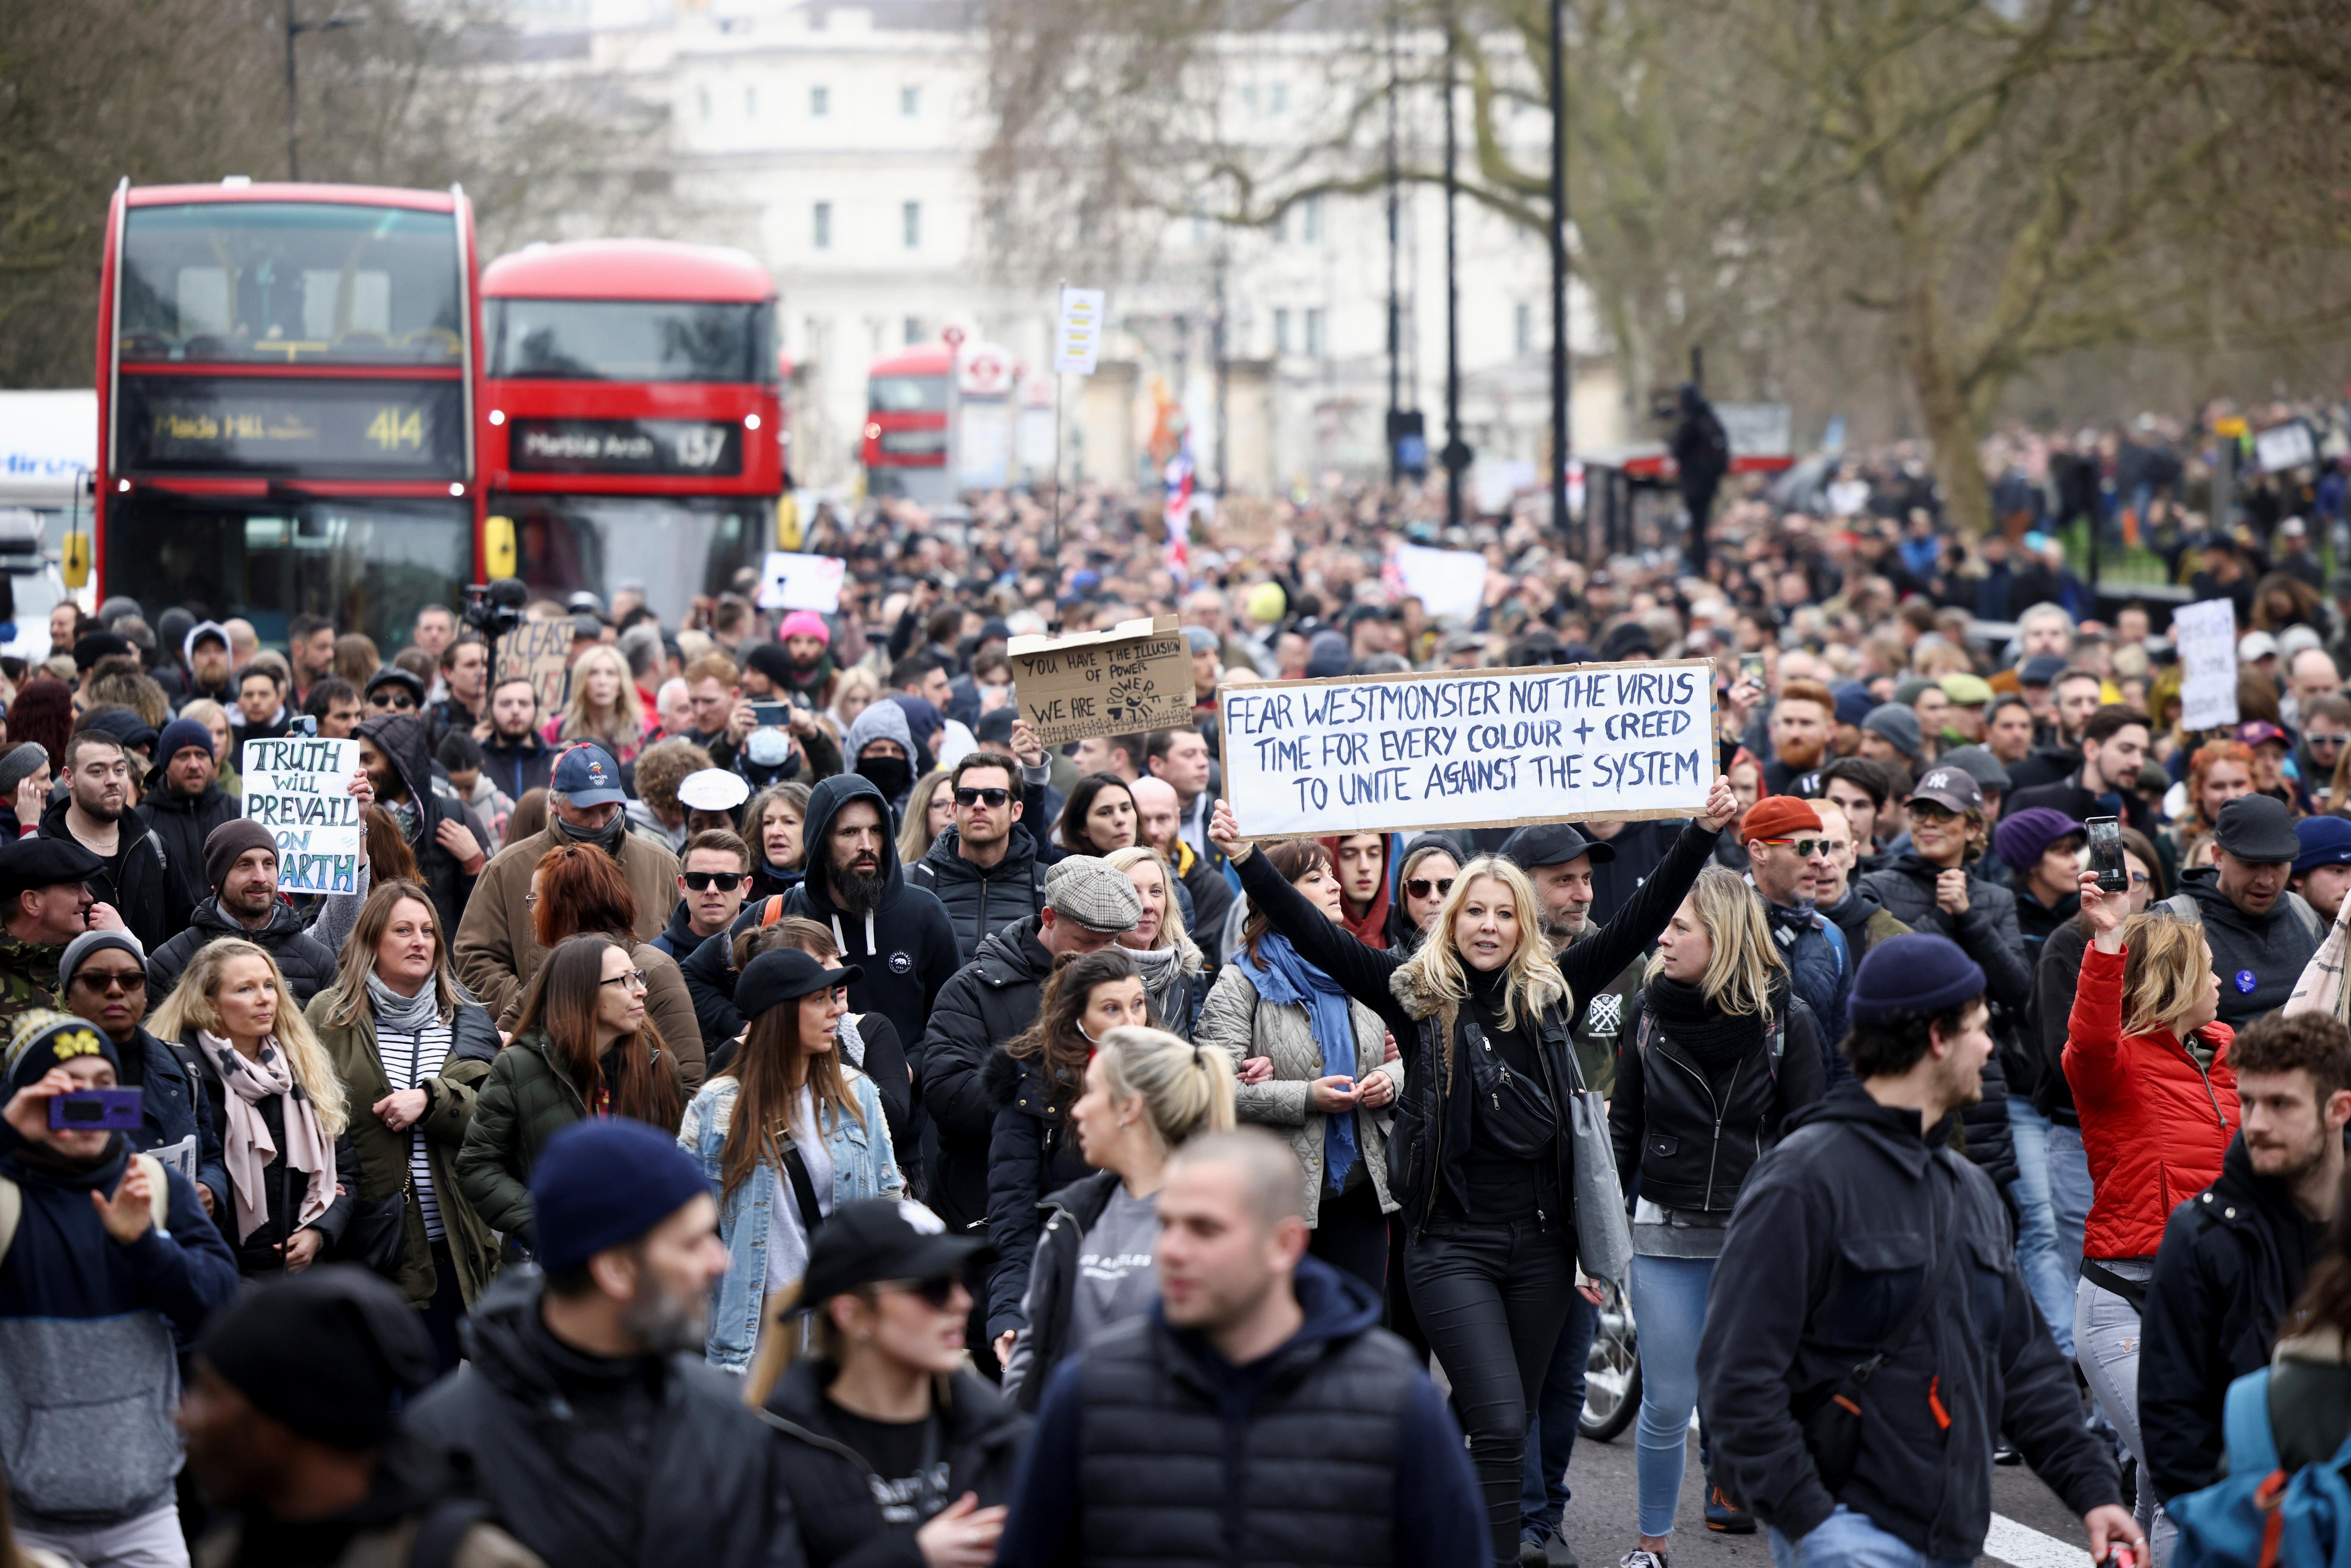 英国伦敦周六有约一万名示威者上街抗议,他们不满封锁措施以及多于4人聚集的禁令,认为是妨碍集会和言论自由。-路透社-